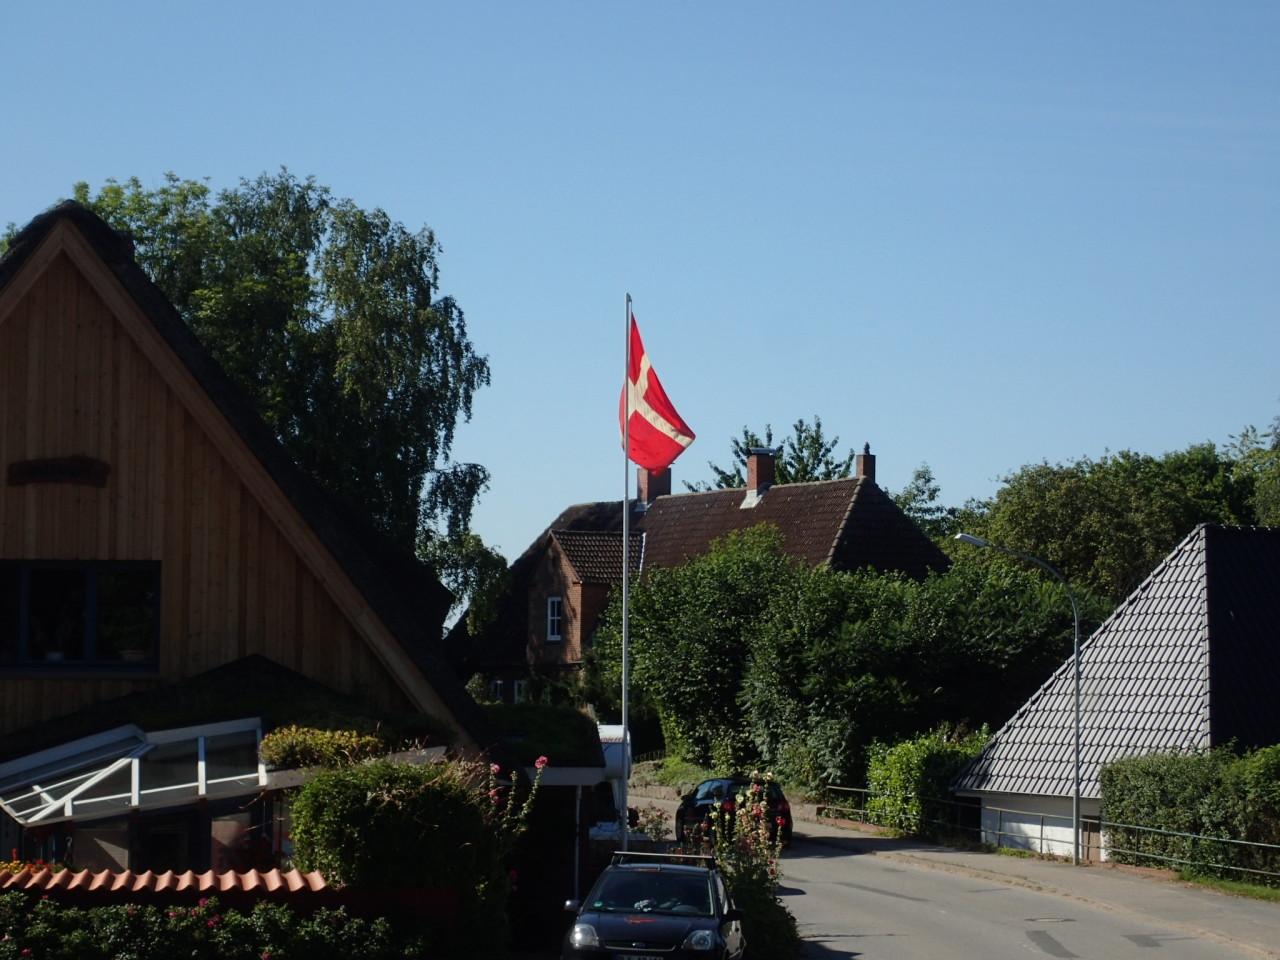 Hus med dansk flagg